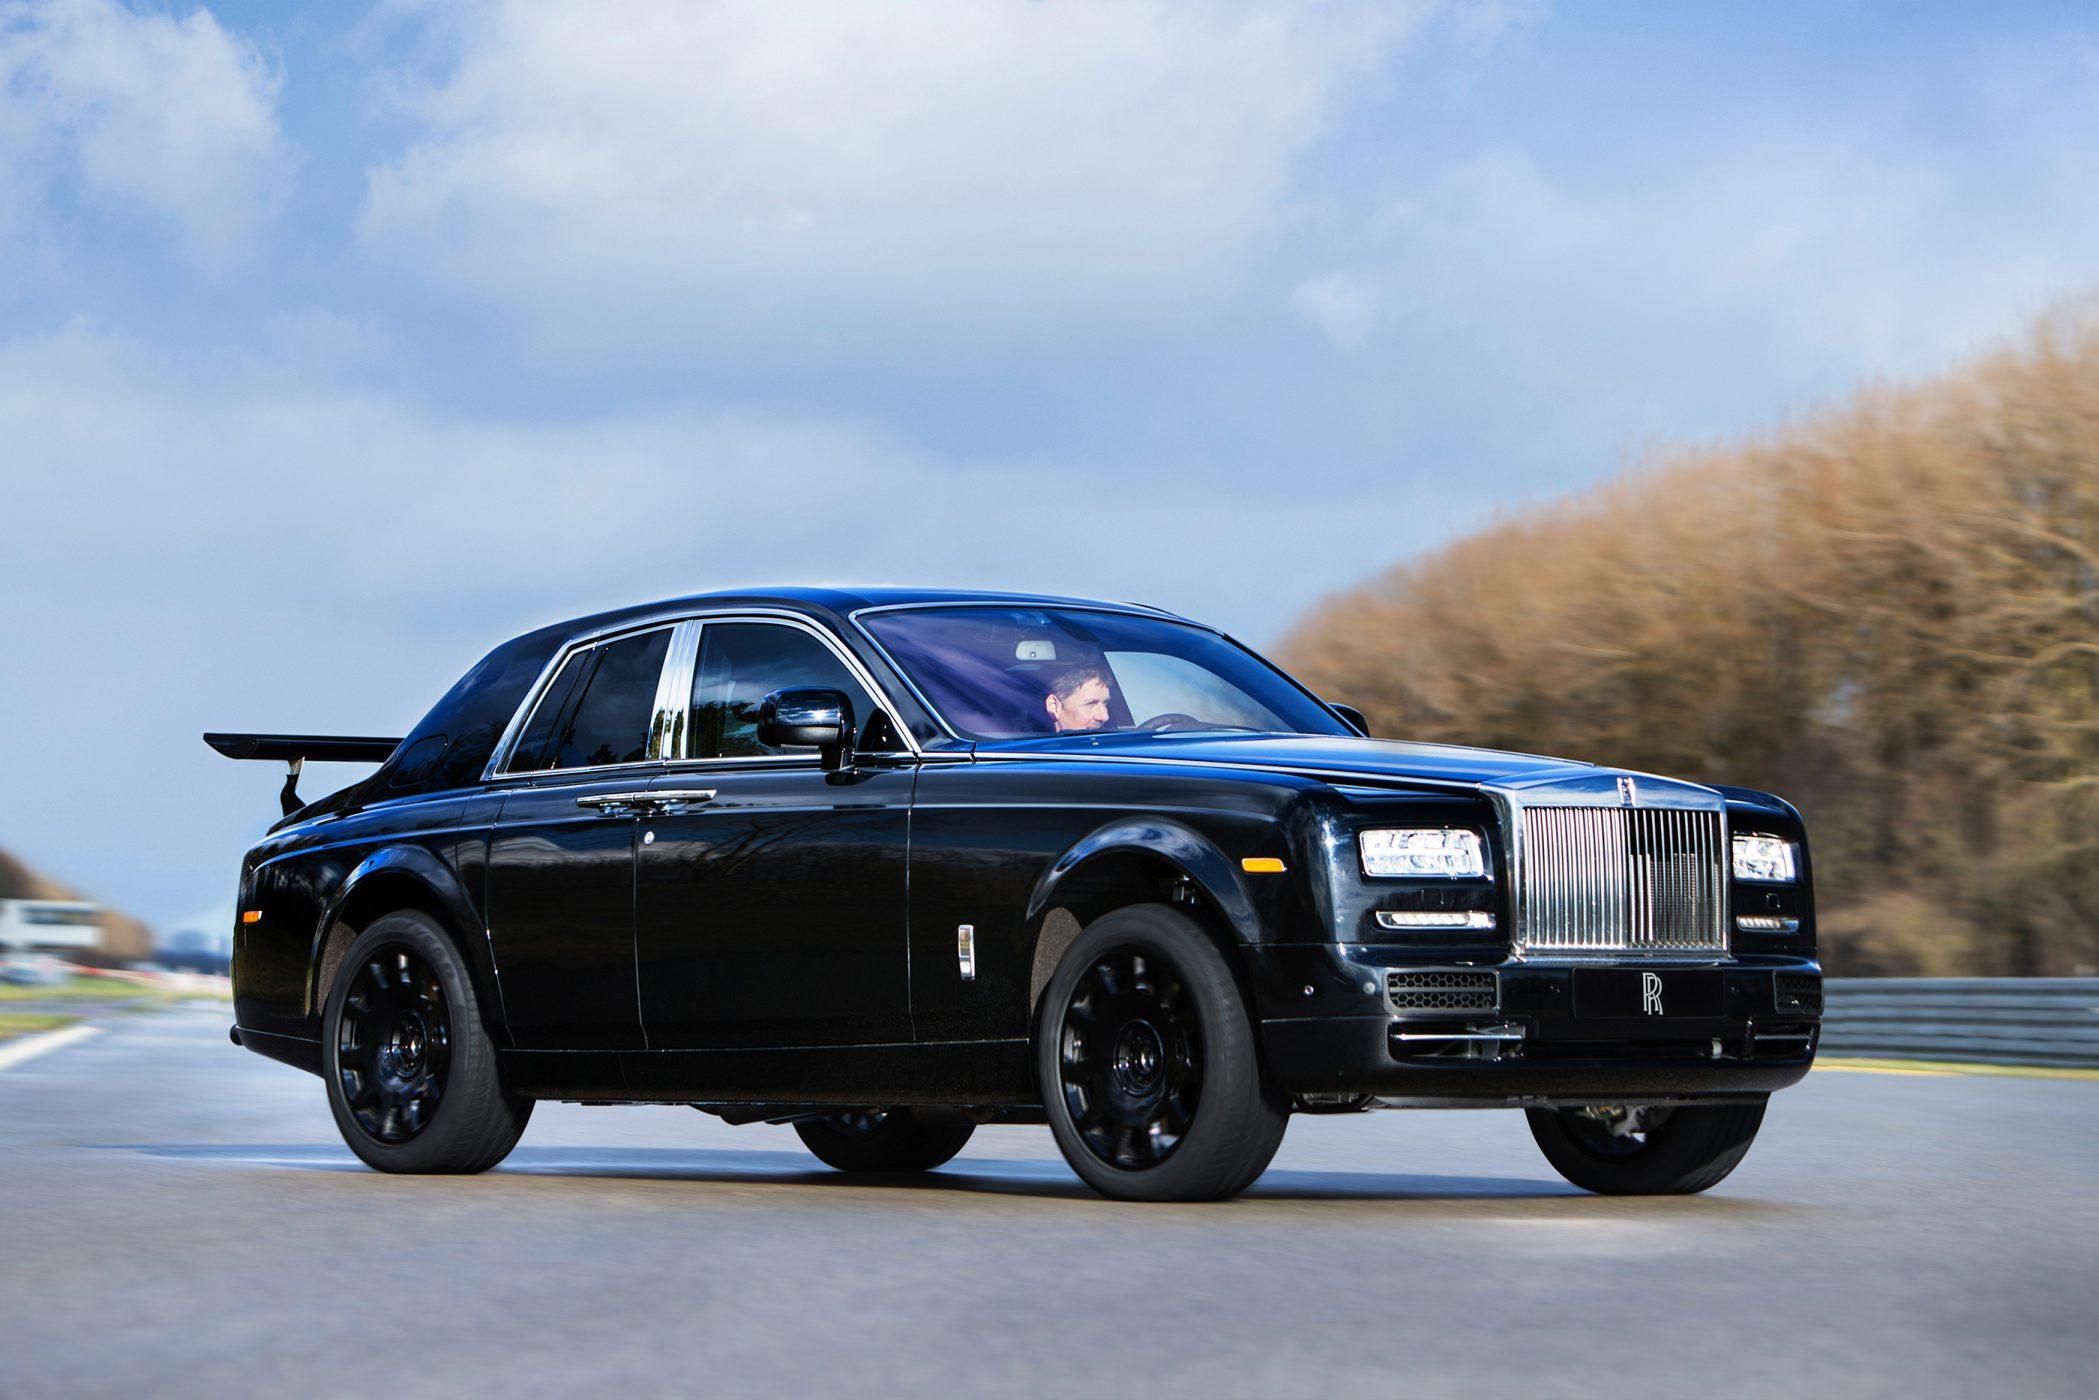 Rolls Royce MULE